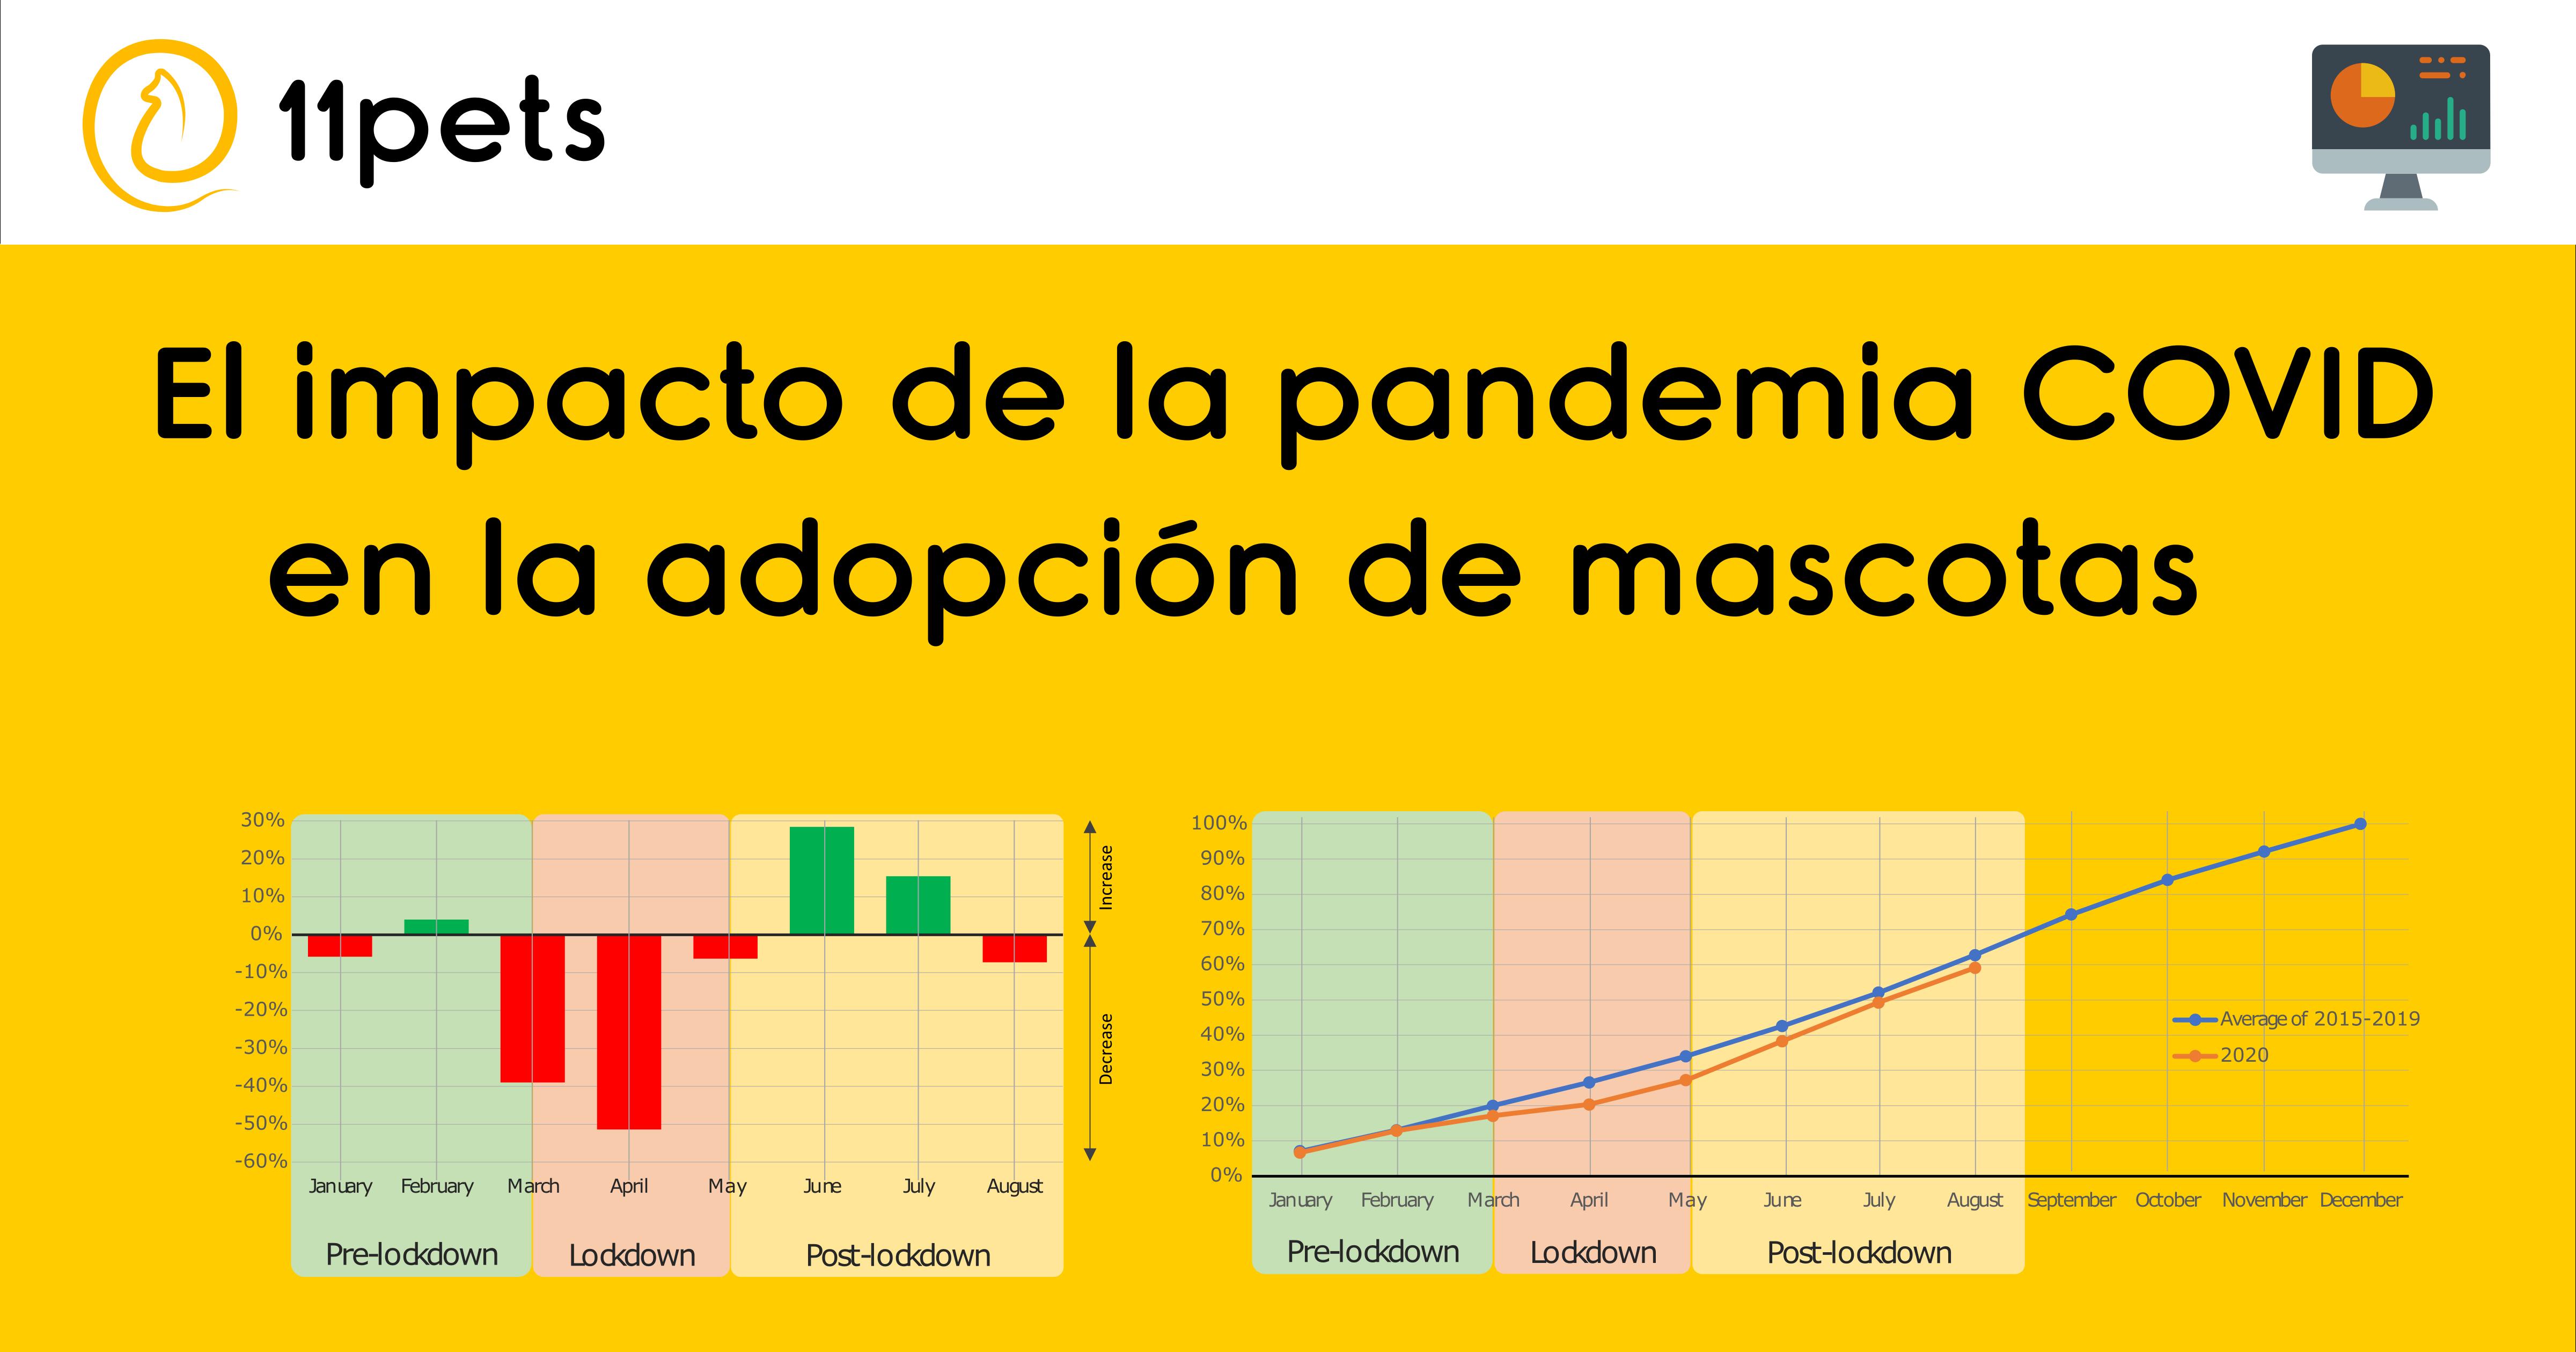 El impacto de la pandemia COVID en la adopción de mascotas